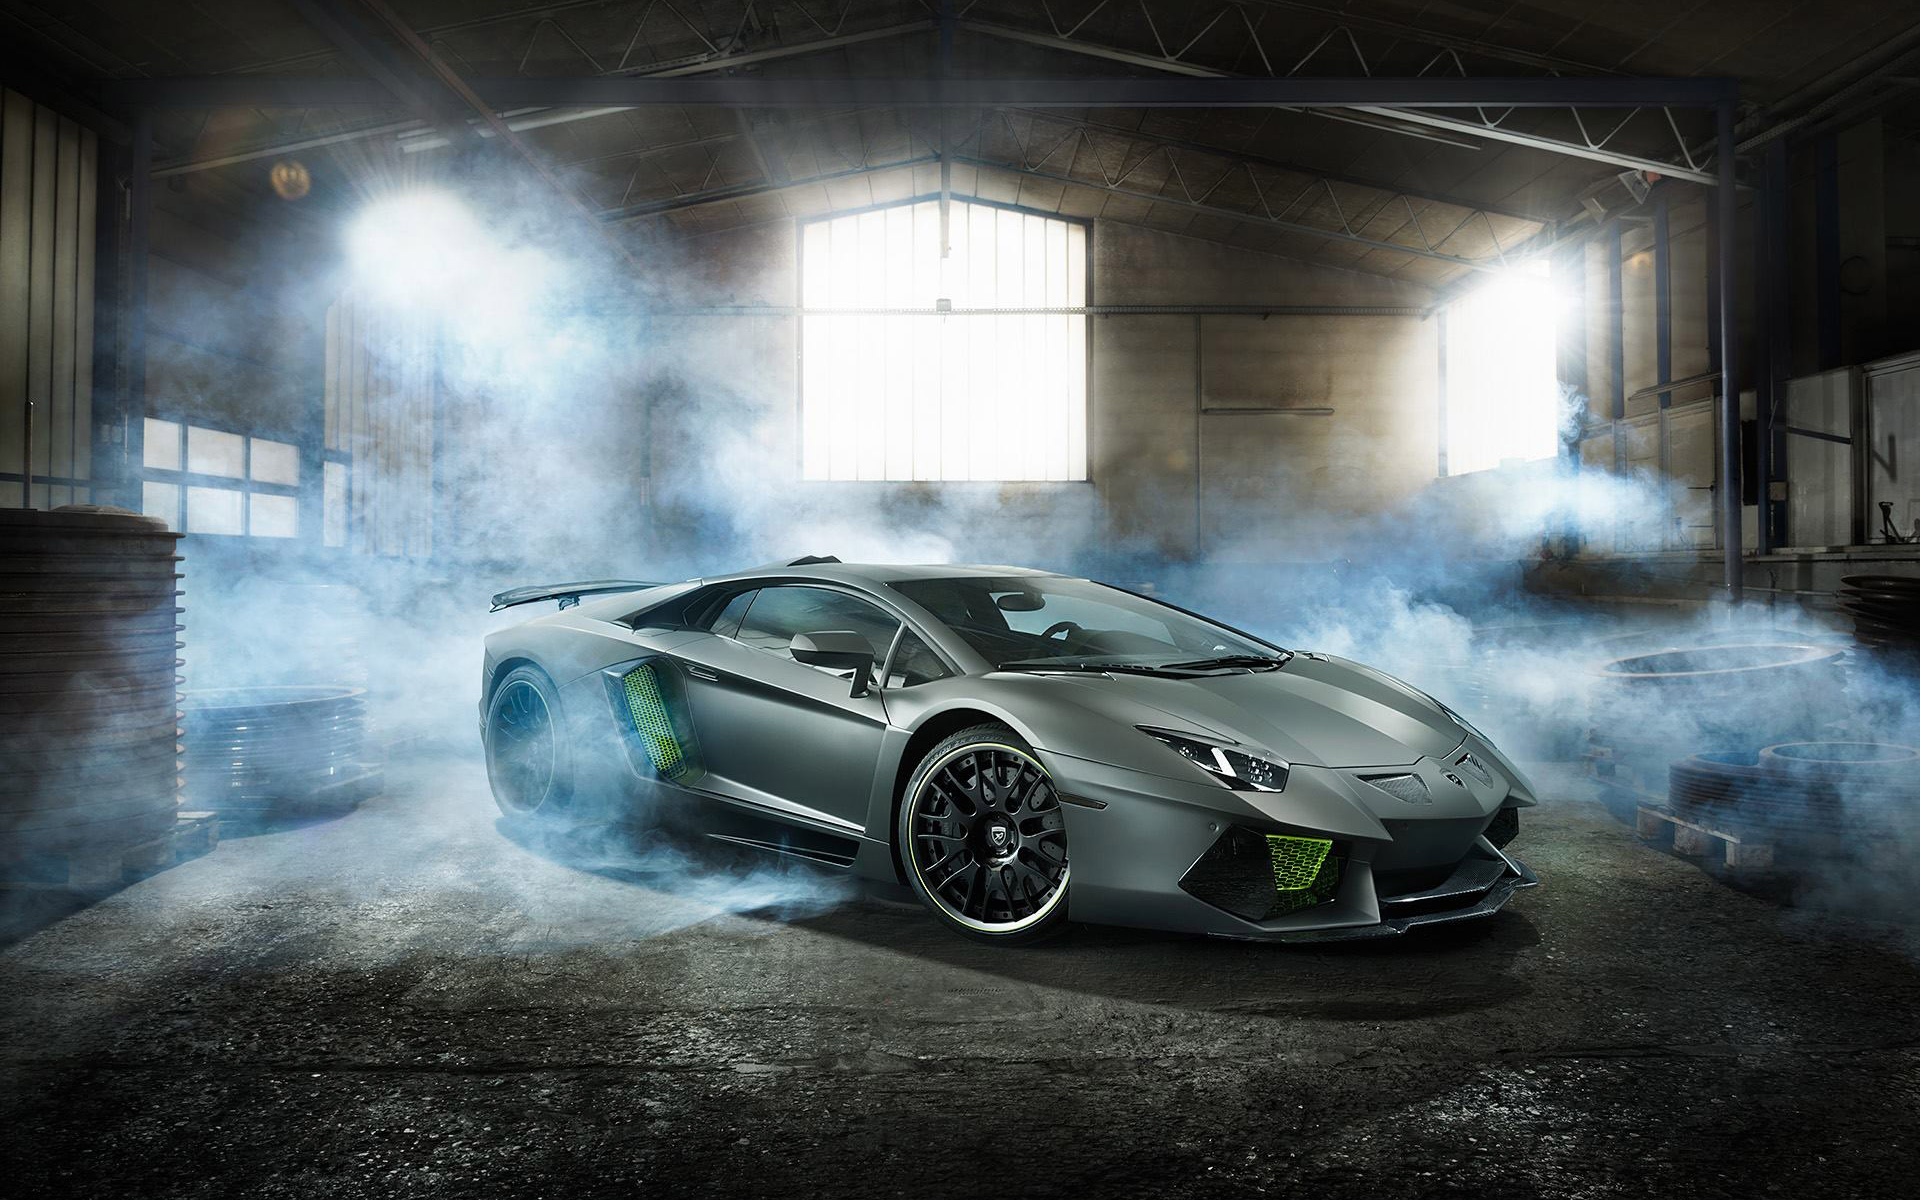 68+] Lamborghini Wallpapers Hd on WallpaperSafari